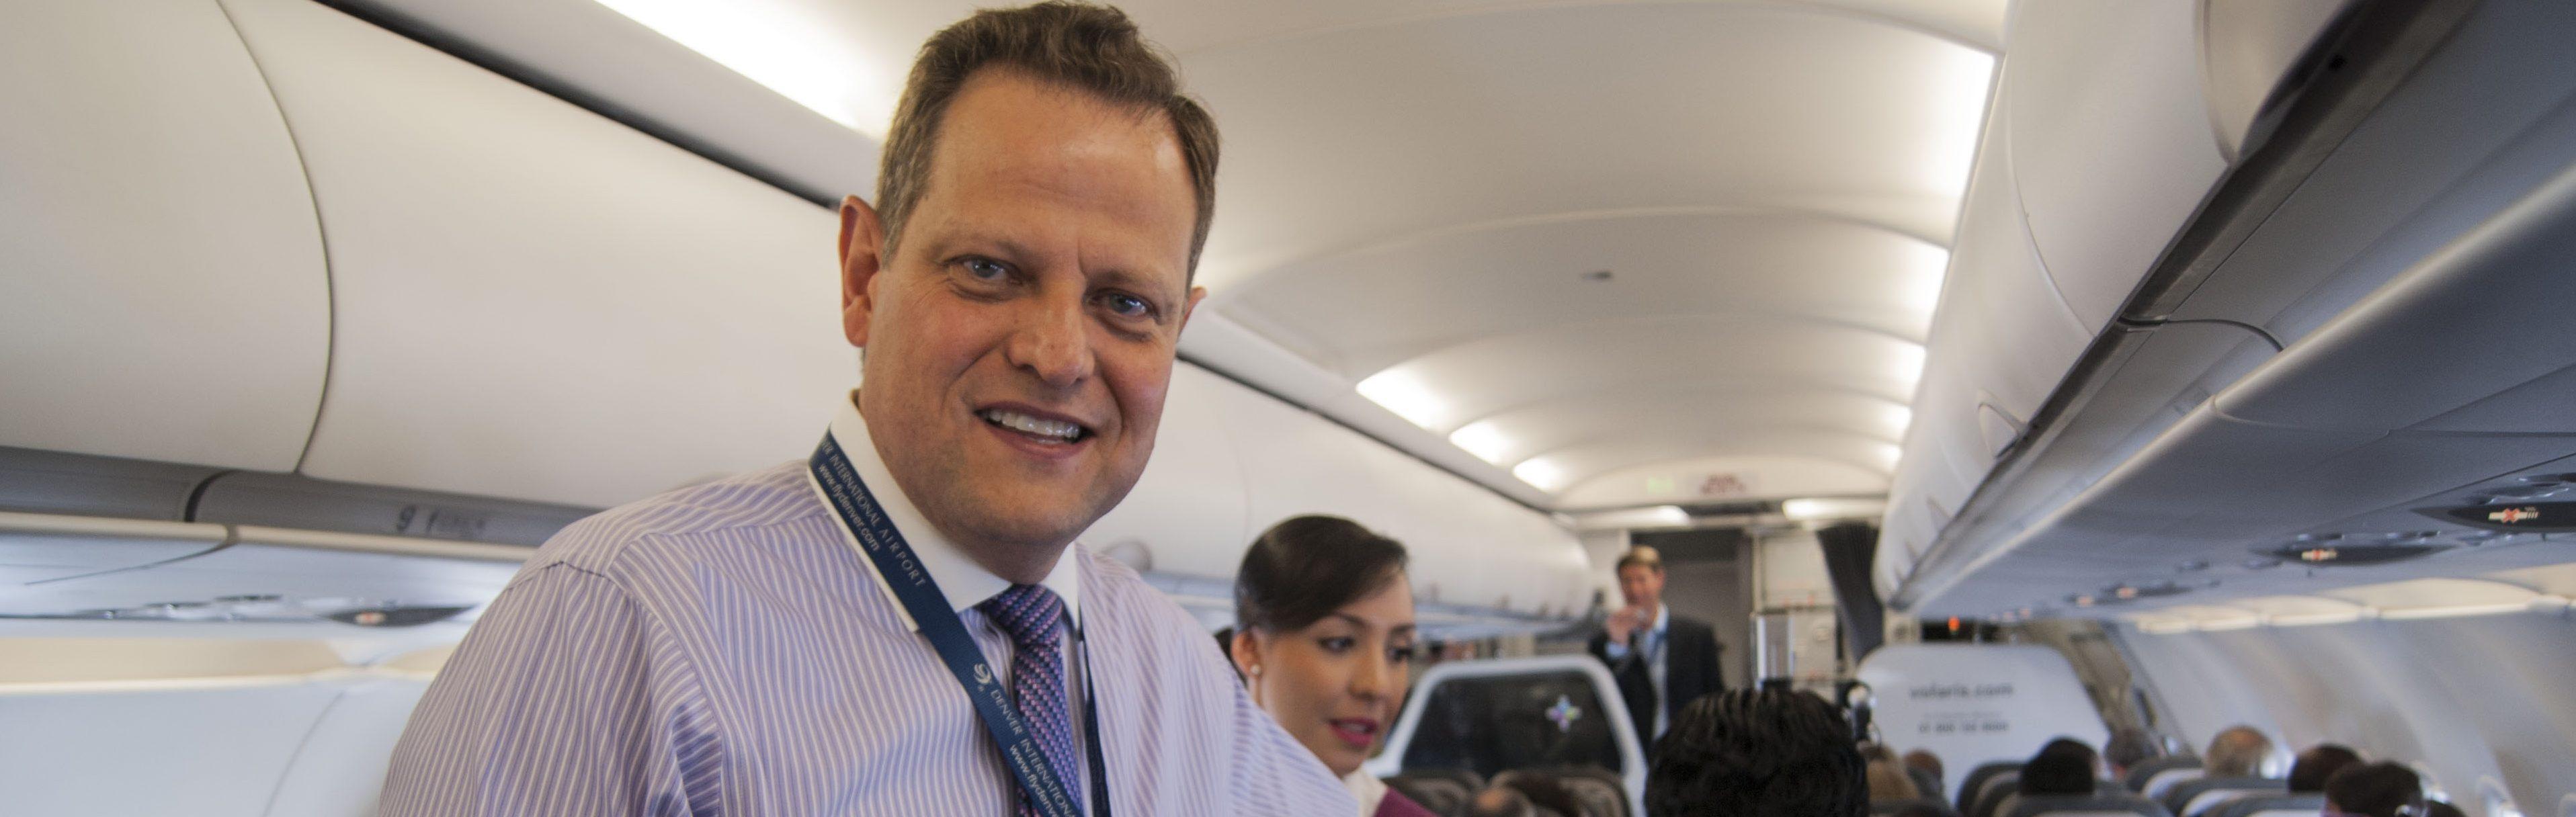 Volaris elevará 69% flota de aviones para el 2026: Beltranena